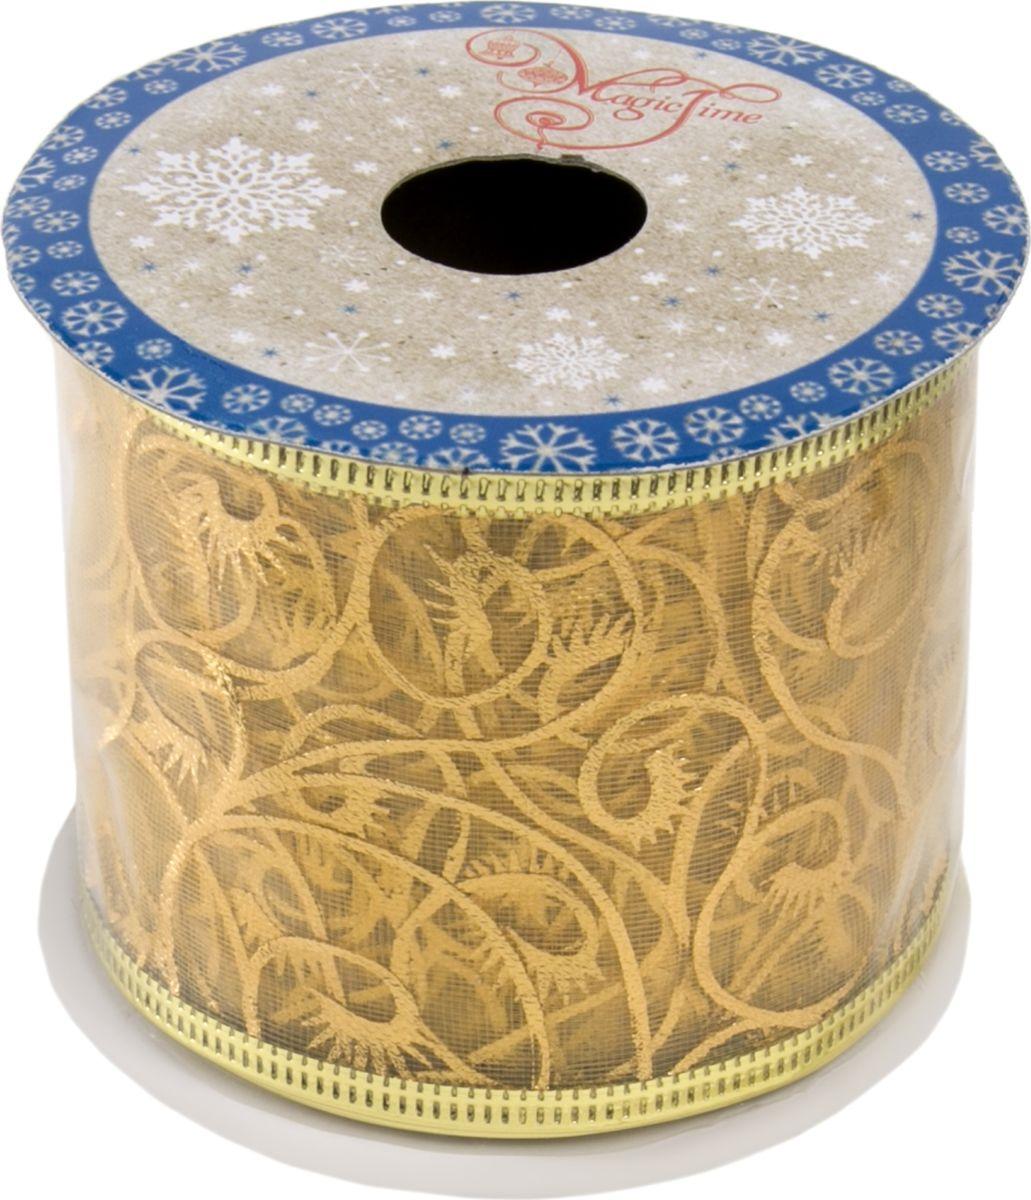 Лента новогодняя Magic Time Золотые узоры, 270 х 6,3 см. 78645 новогодняя лента magic time золотое конфетти 78641